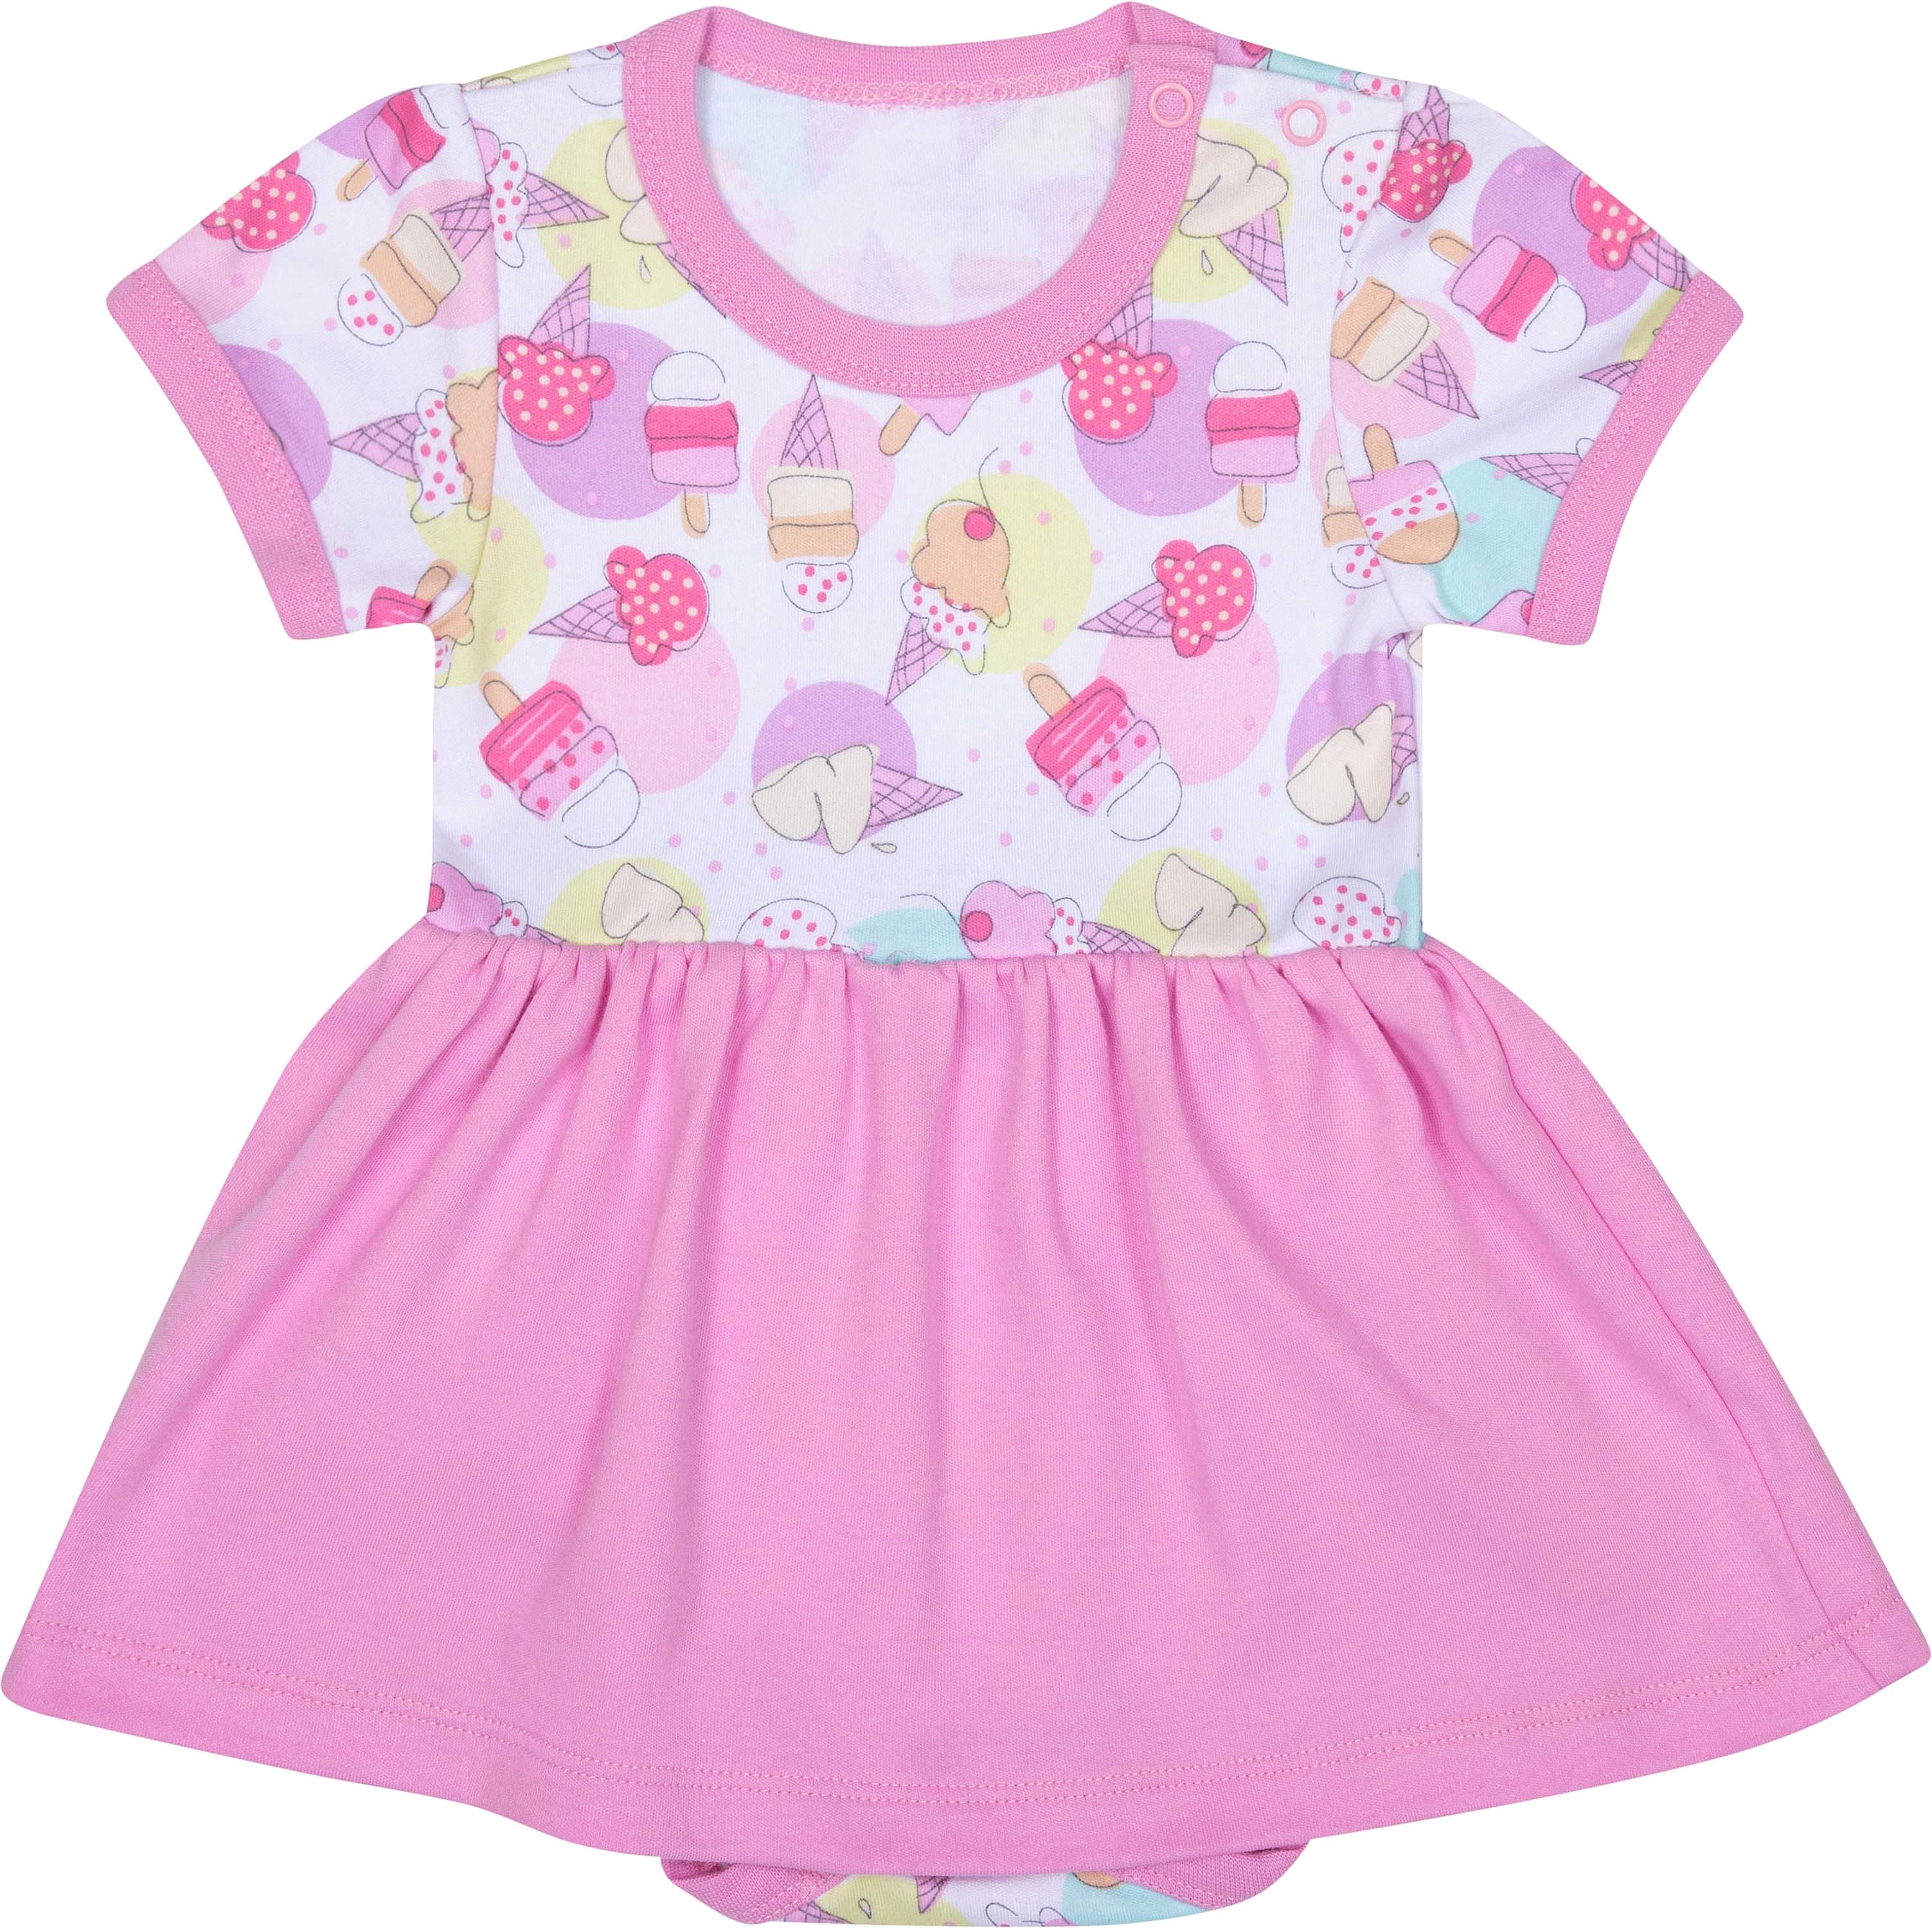 Боди с коротким рукавом для девочки Barkito Маленькие сладости, белое с розовым валерия матросова маленькие сказки для маленькой принцессы